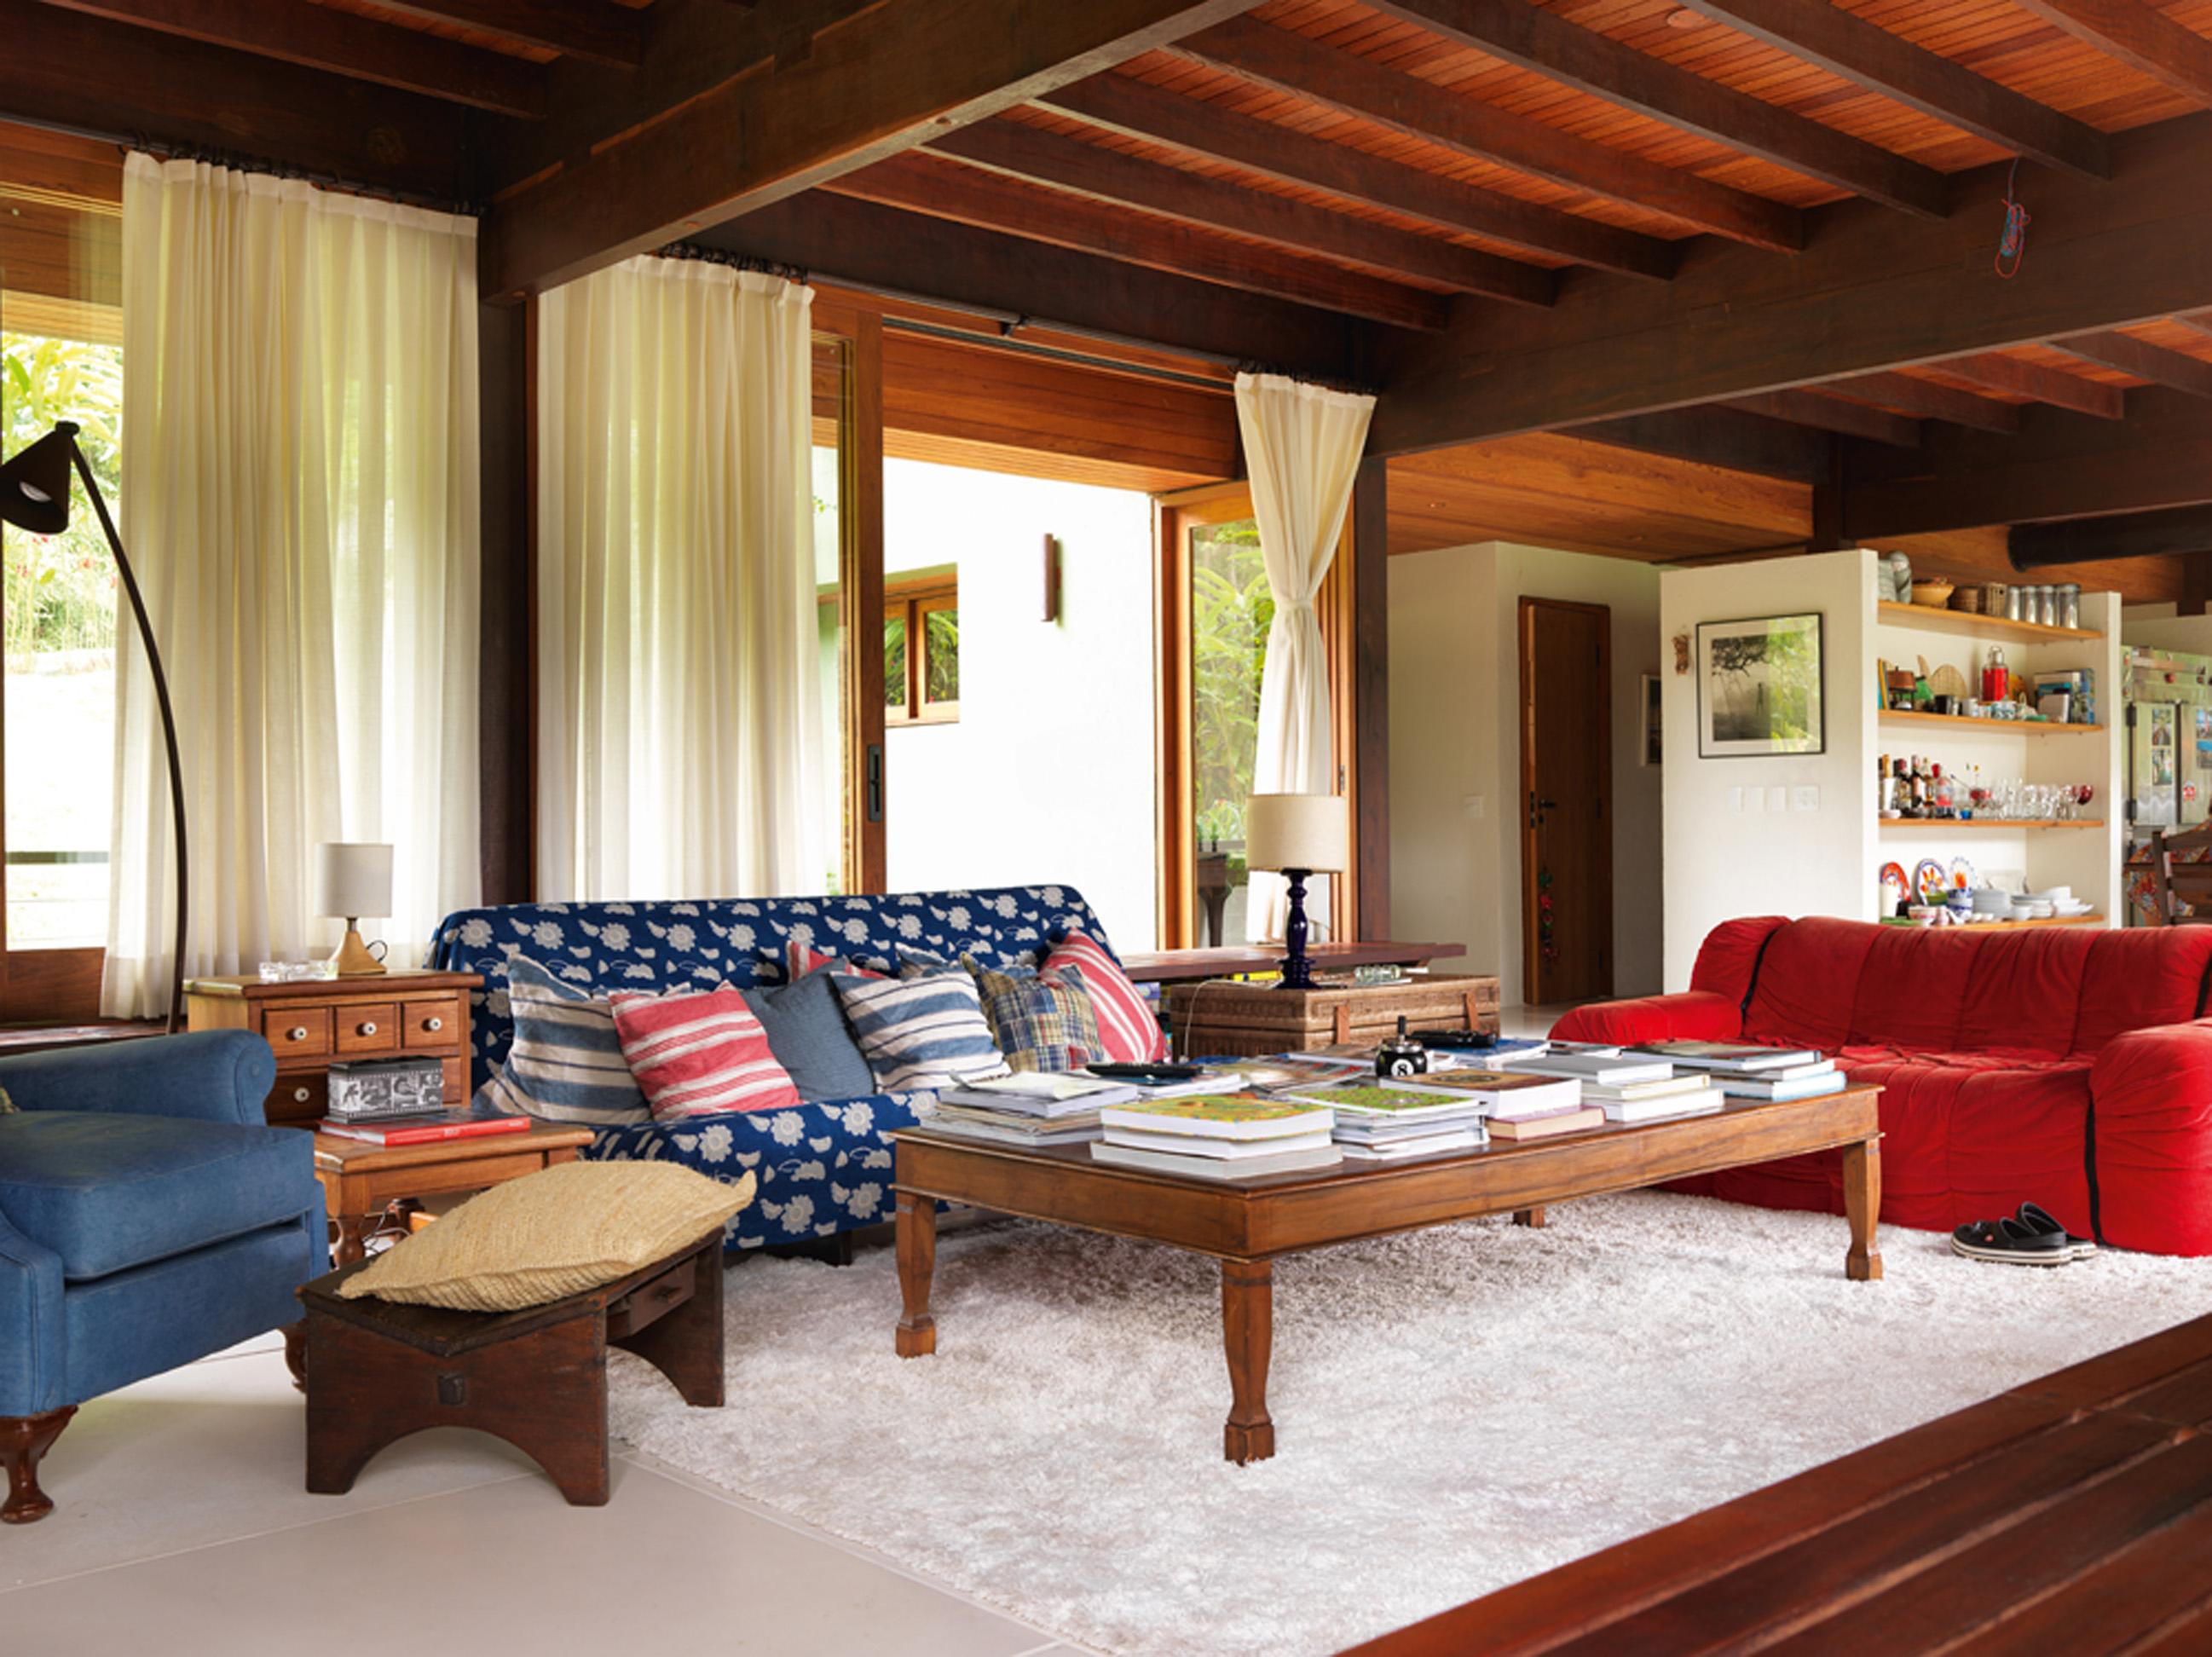 Senta lá: Outra perspectiva da ampla sala. O sofá vermelho é da Forma e o sofá coberto com o tecido é da Futon Company